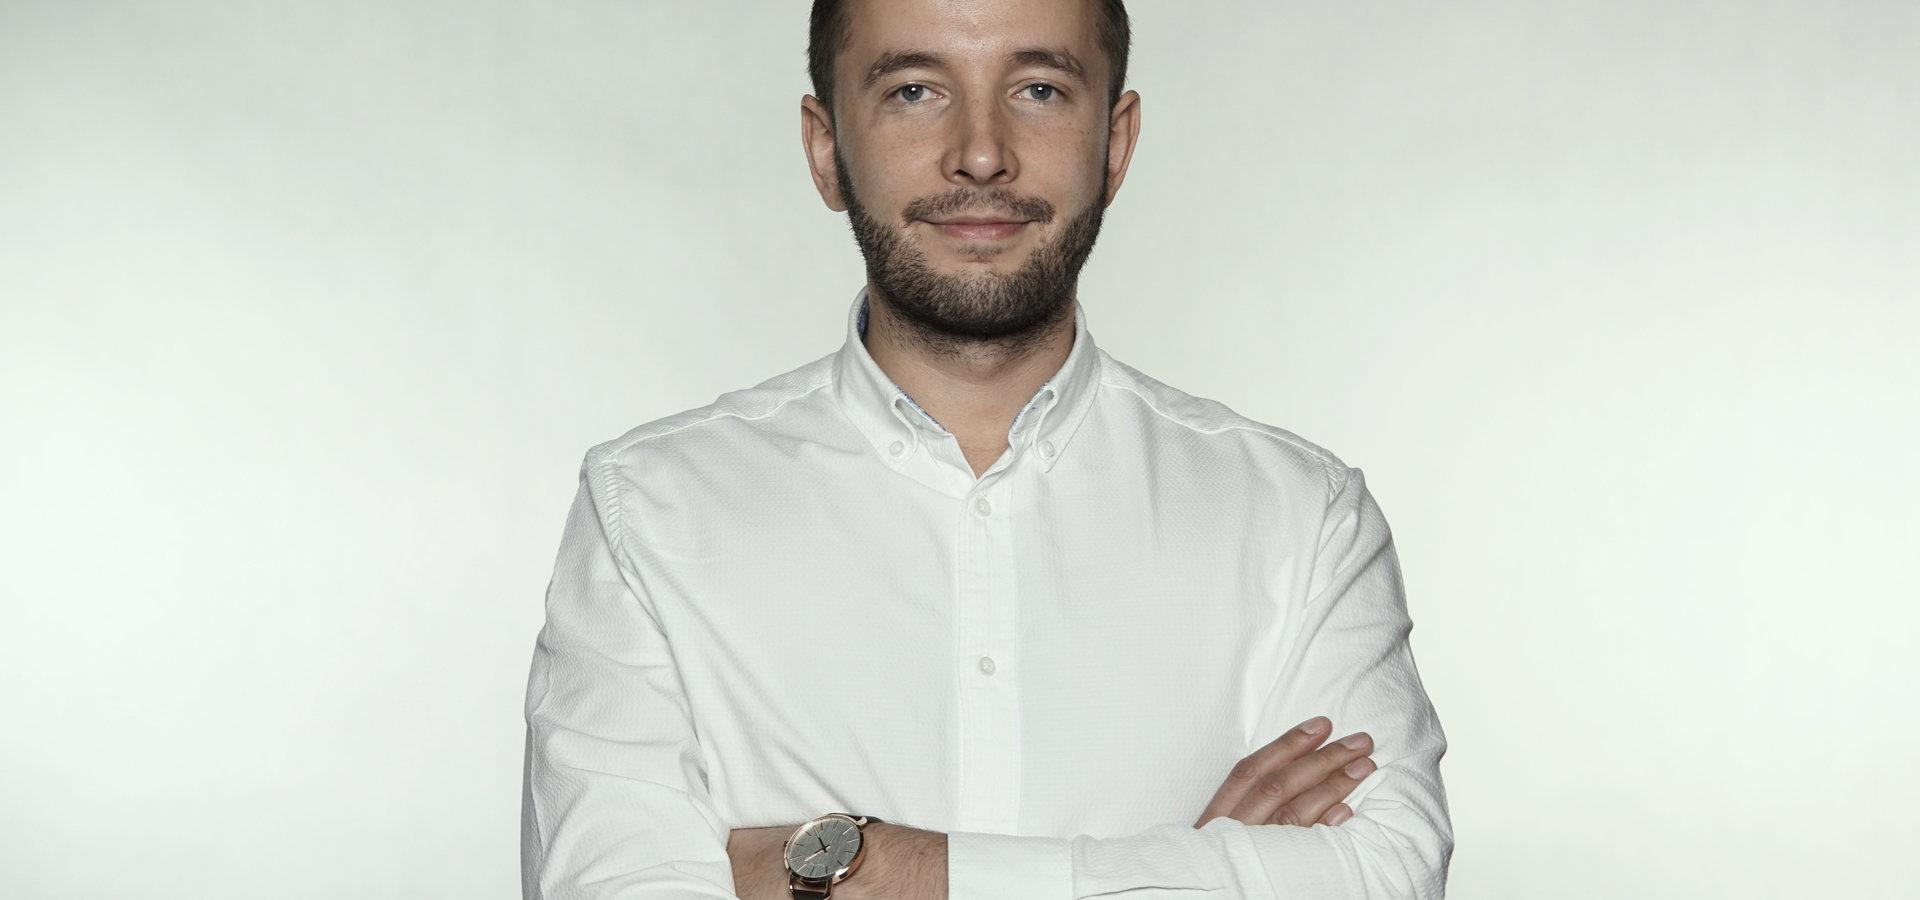 Piotr Ciechowicz na pokładzie LifeTube będzie odpowiedzialny m.in. za rozwój technologii wspierającej zarządzanie współpracą marek z influencerami